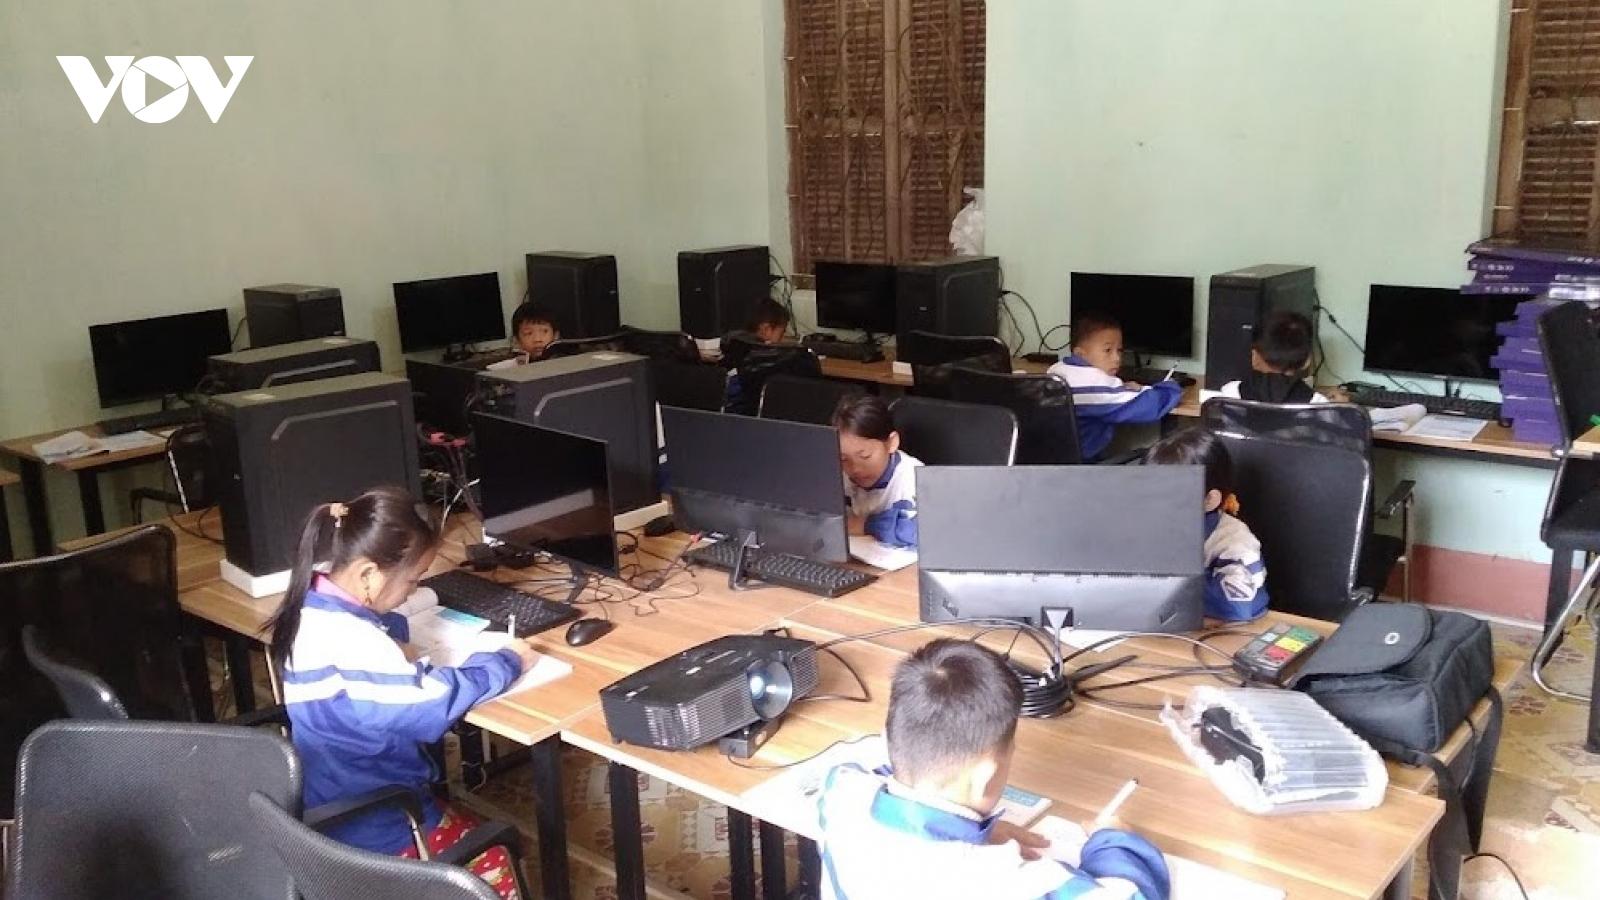 Sóng và máy tính cho em - Ước mơ của học sinh nghèo xứ Lạng